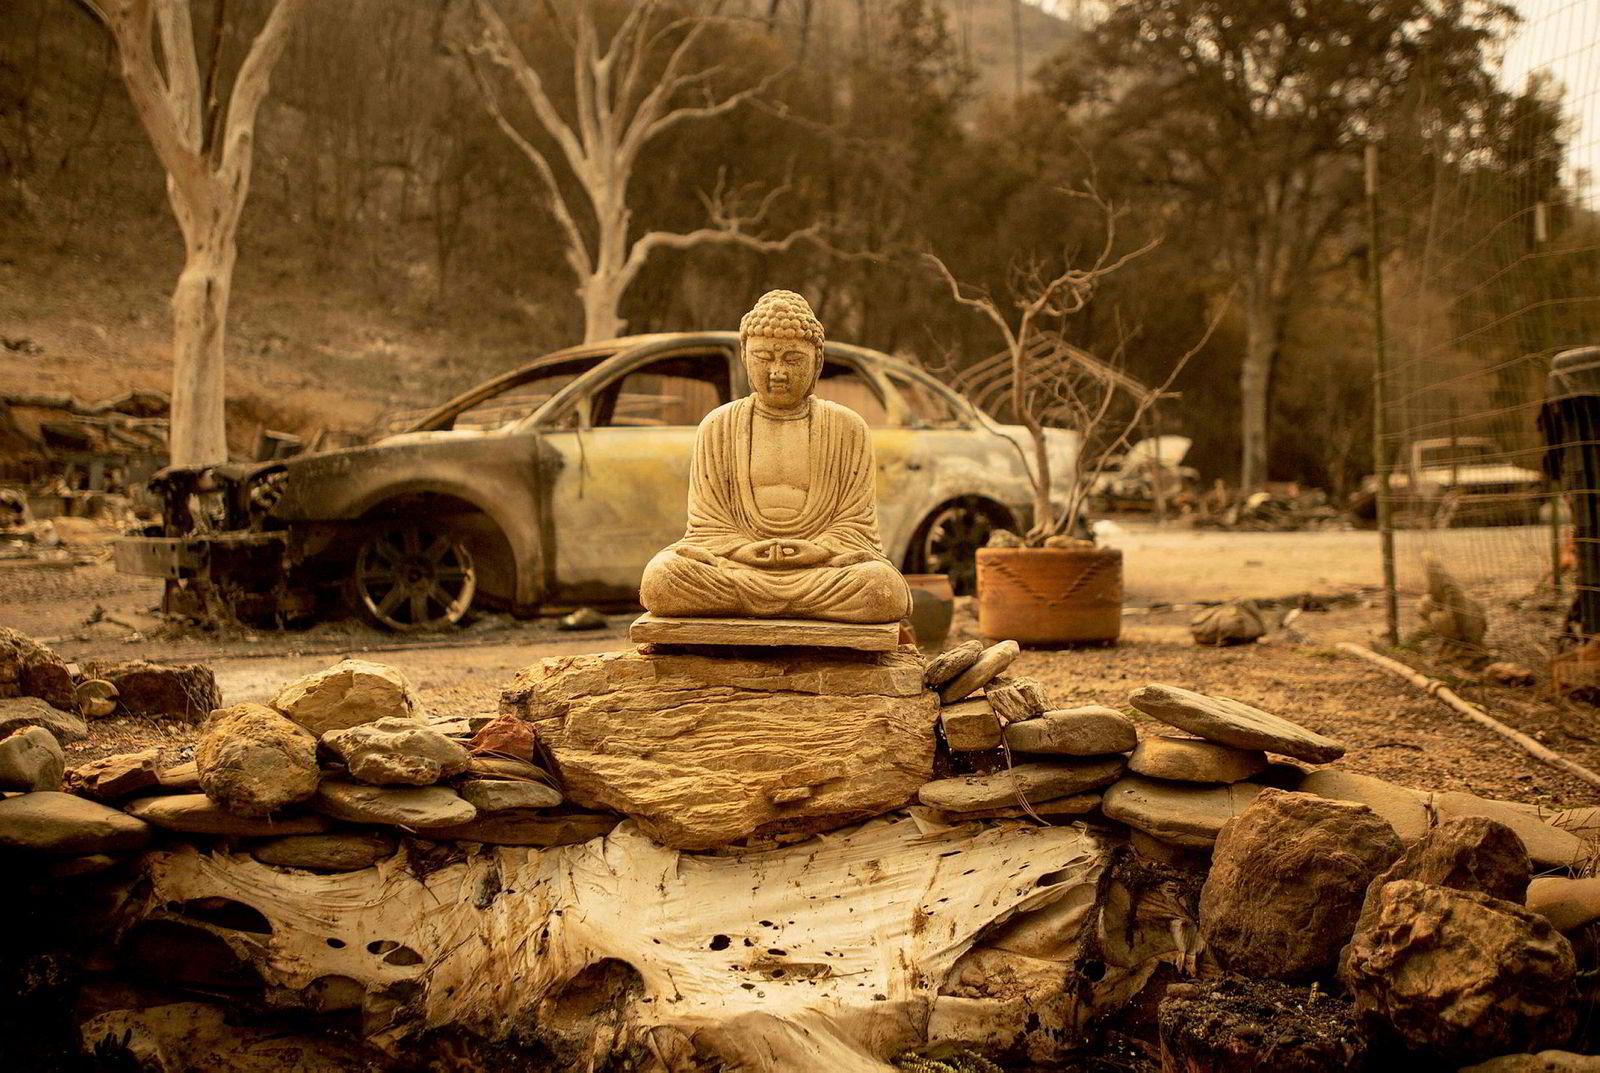 En Buddha-statue står igjen blant restene av et nedbrent hjem i Spring Valley.